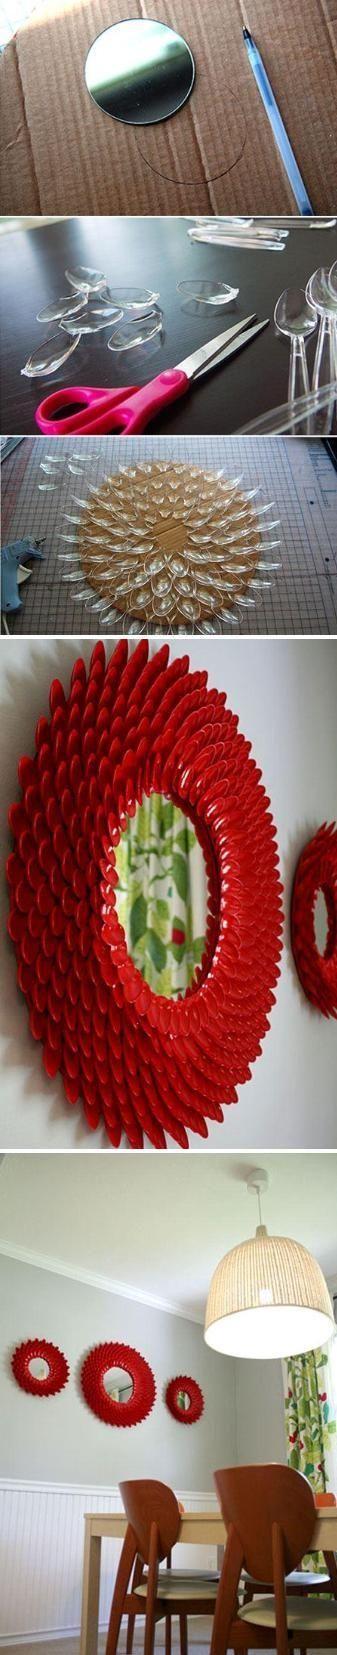 Cuchara-Plástico-2